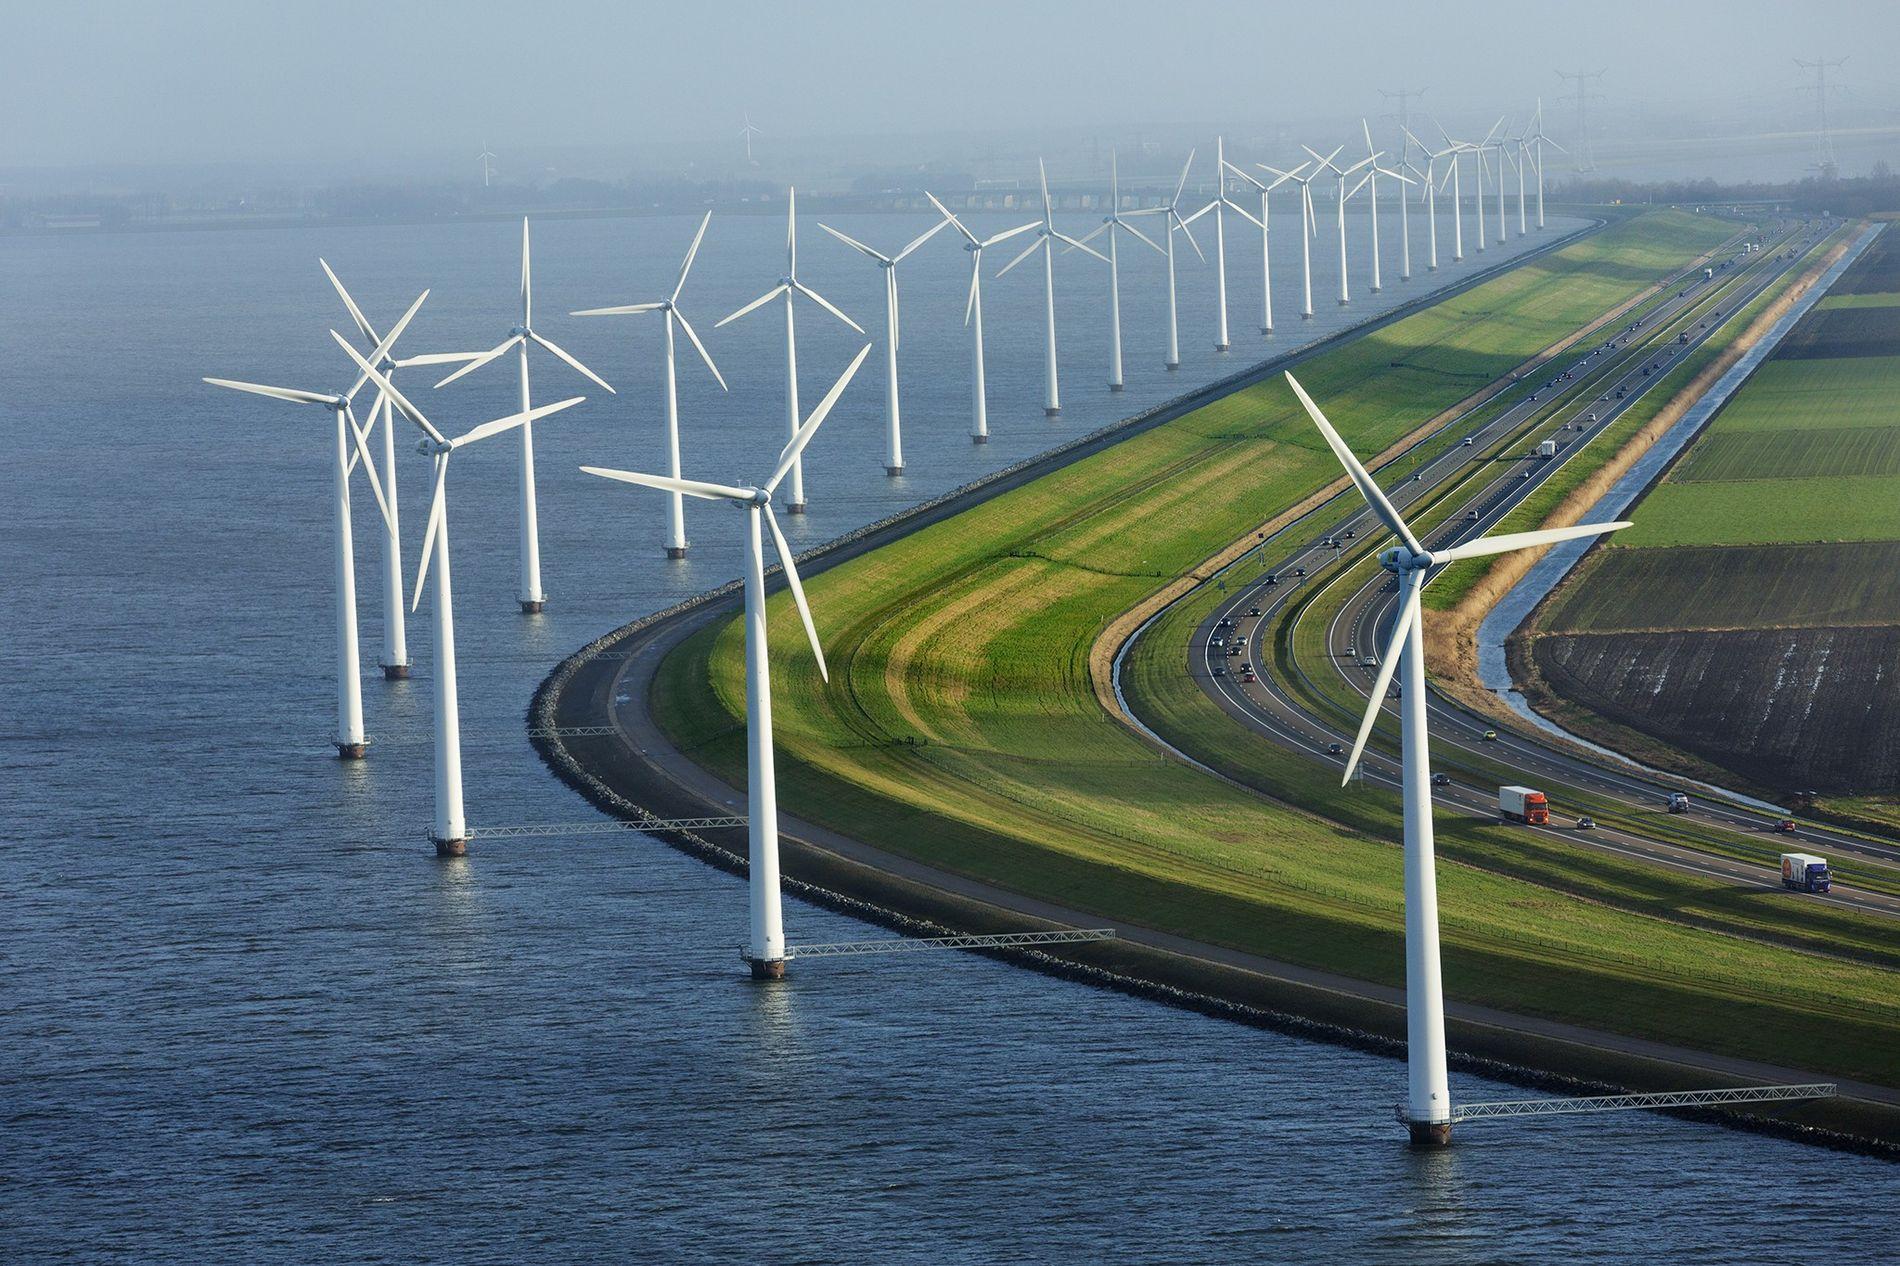 Rodeado de molinos de viento, este dique protege las granjas que están situadas por debajo del nivel del mar.